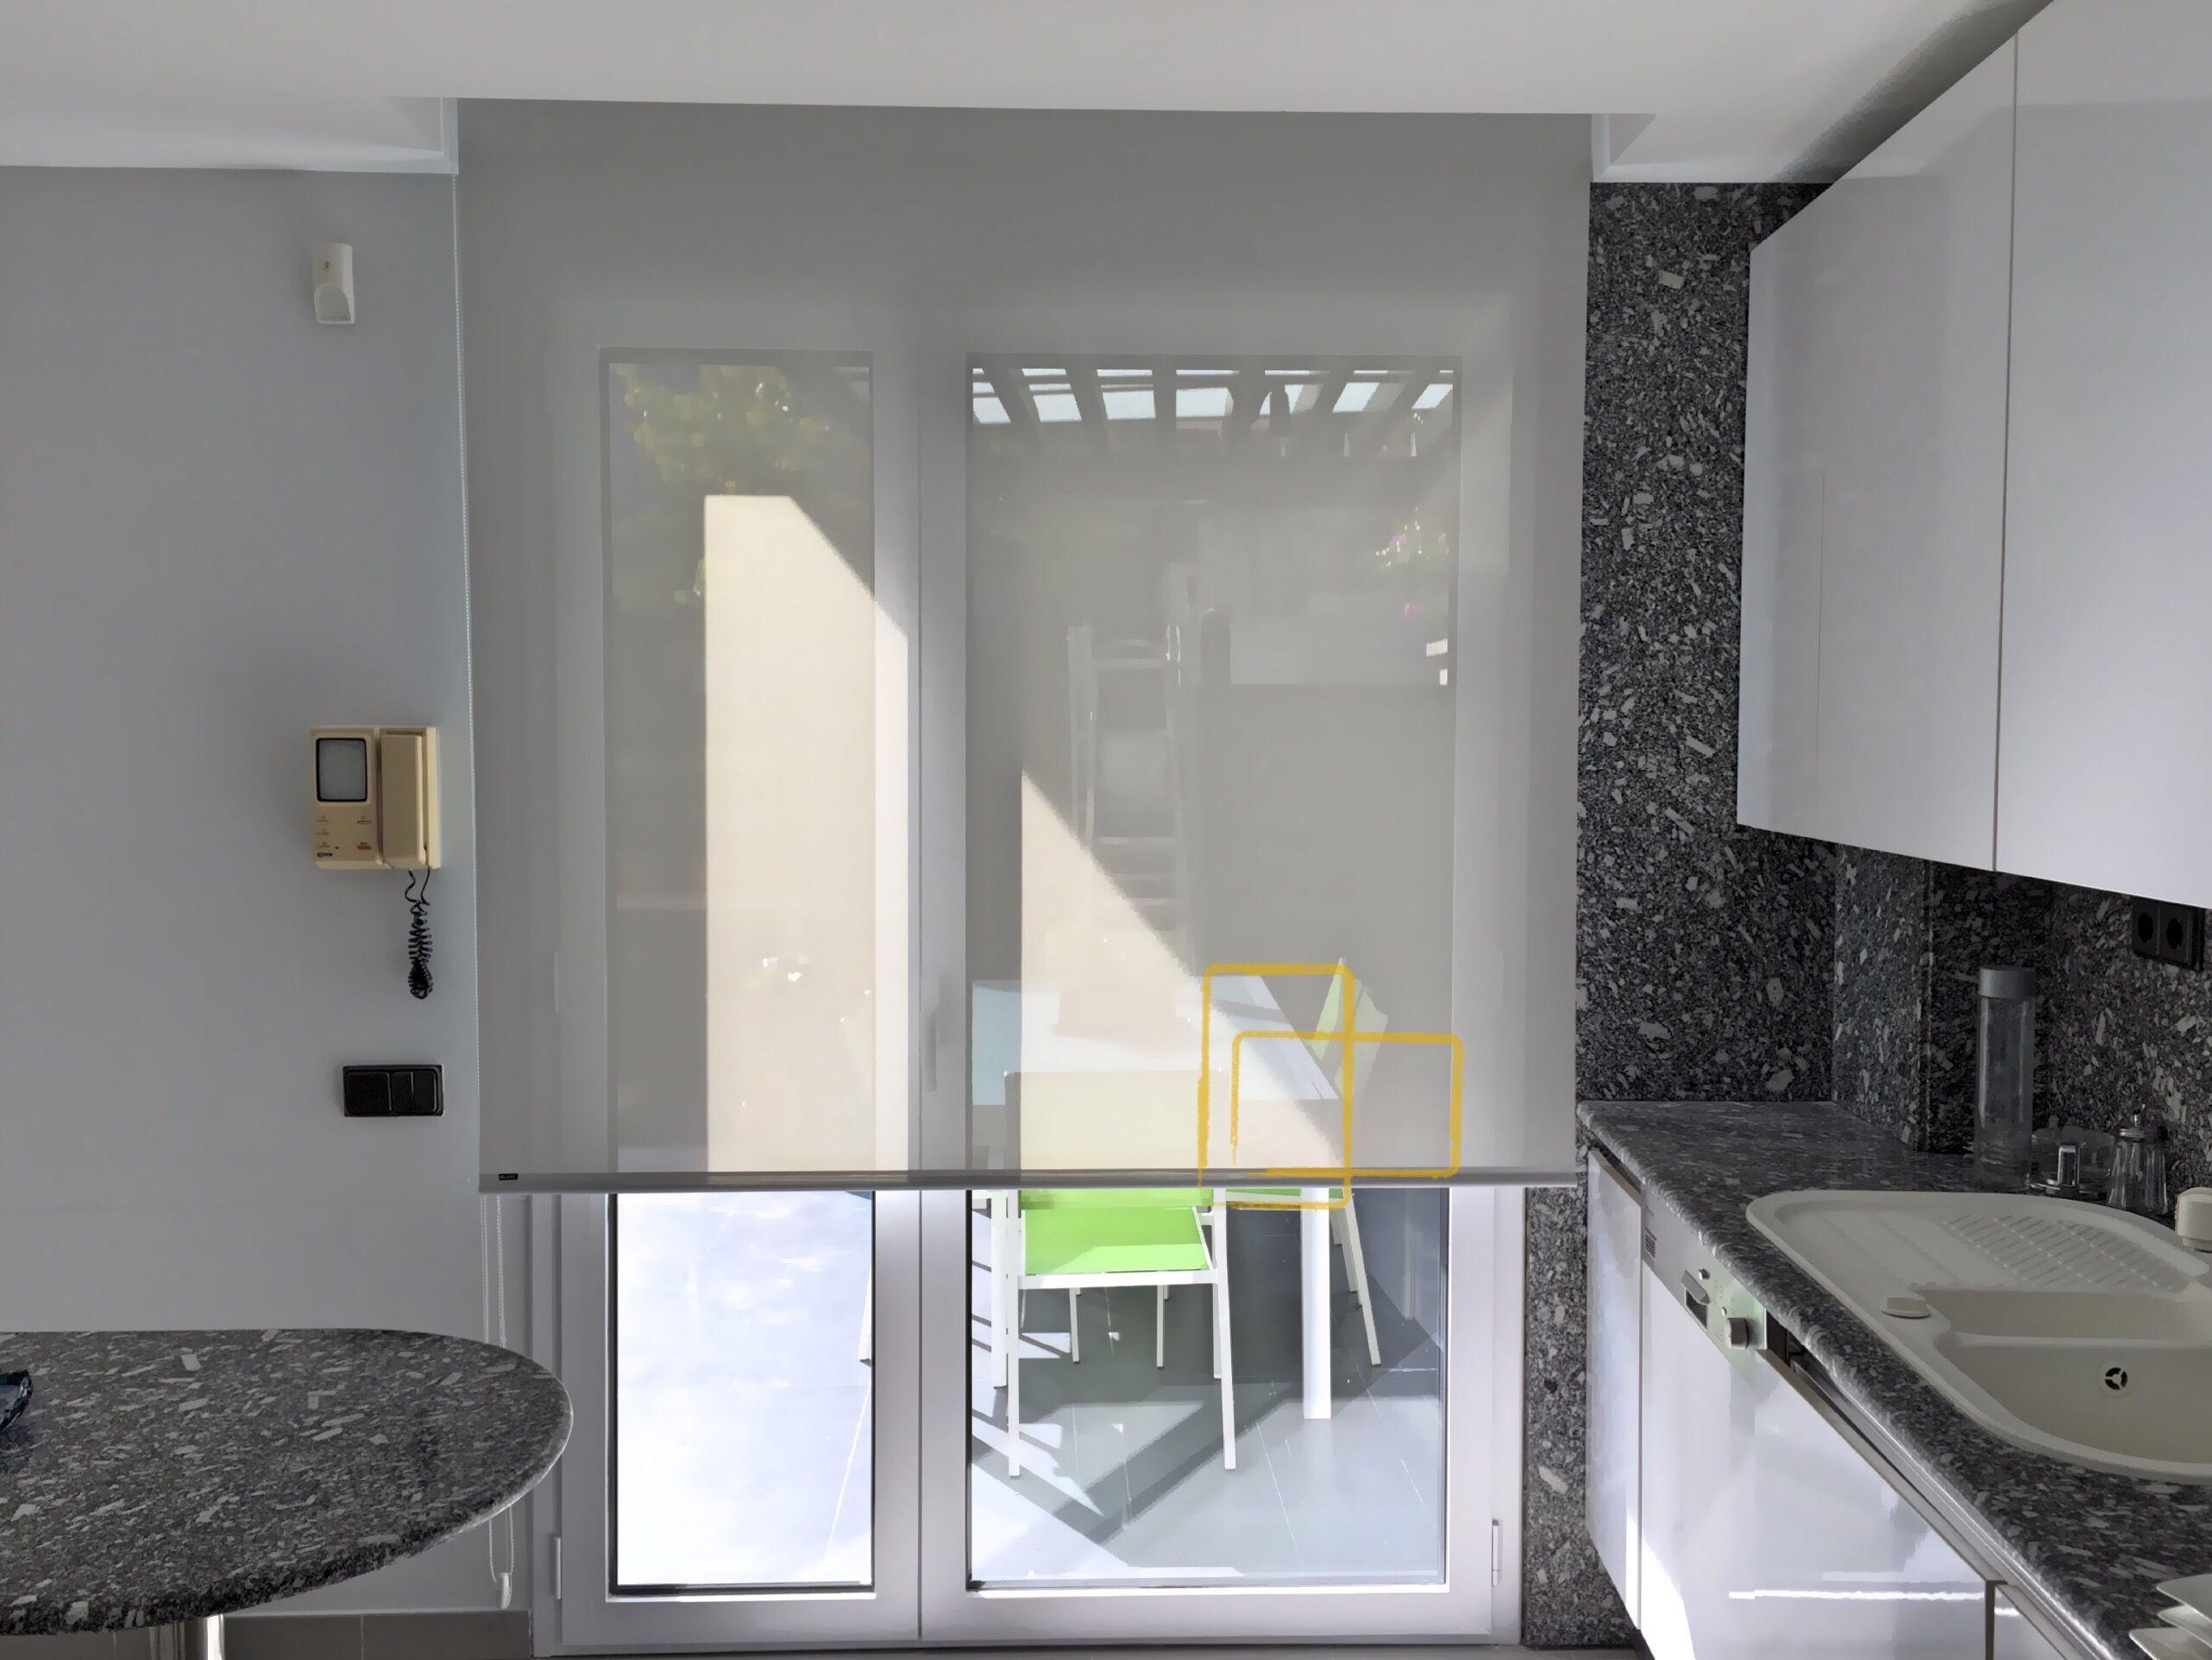 Cortina enrollable ideal para cocinas solart cortinas screen estores cortinas solart - Estores de cocina ...